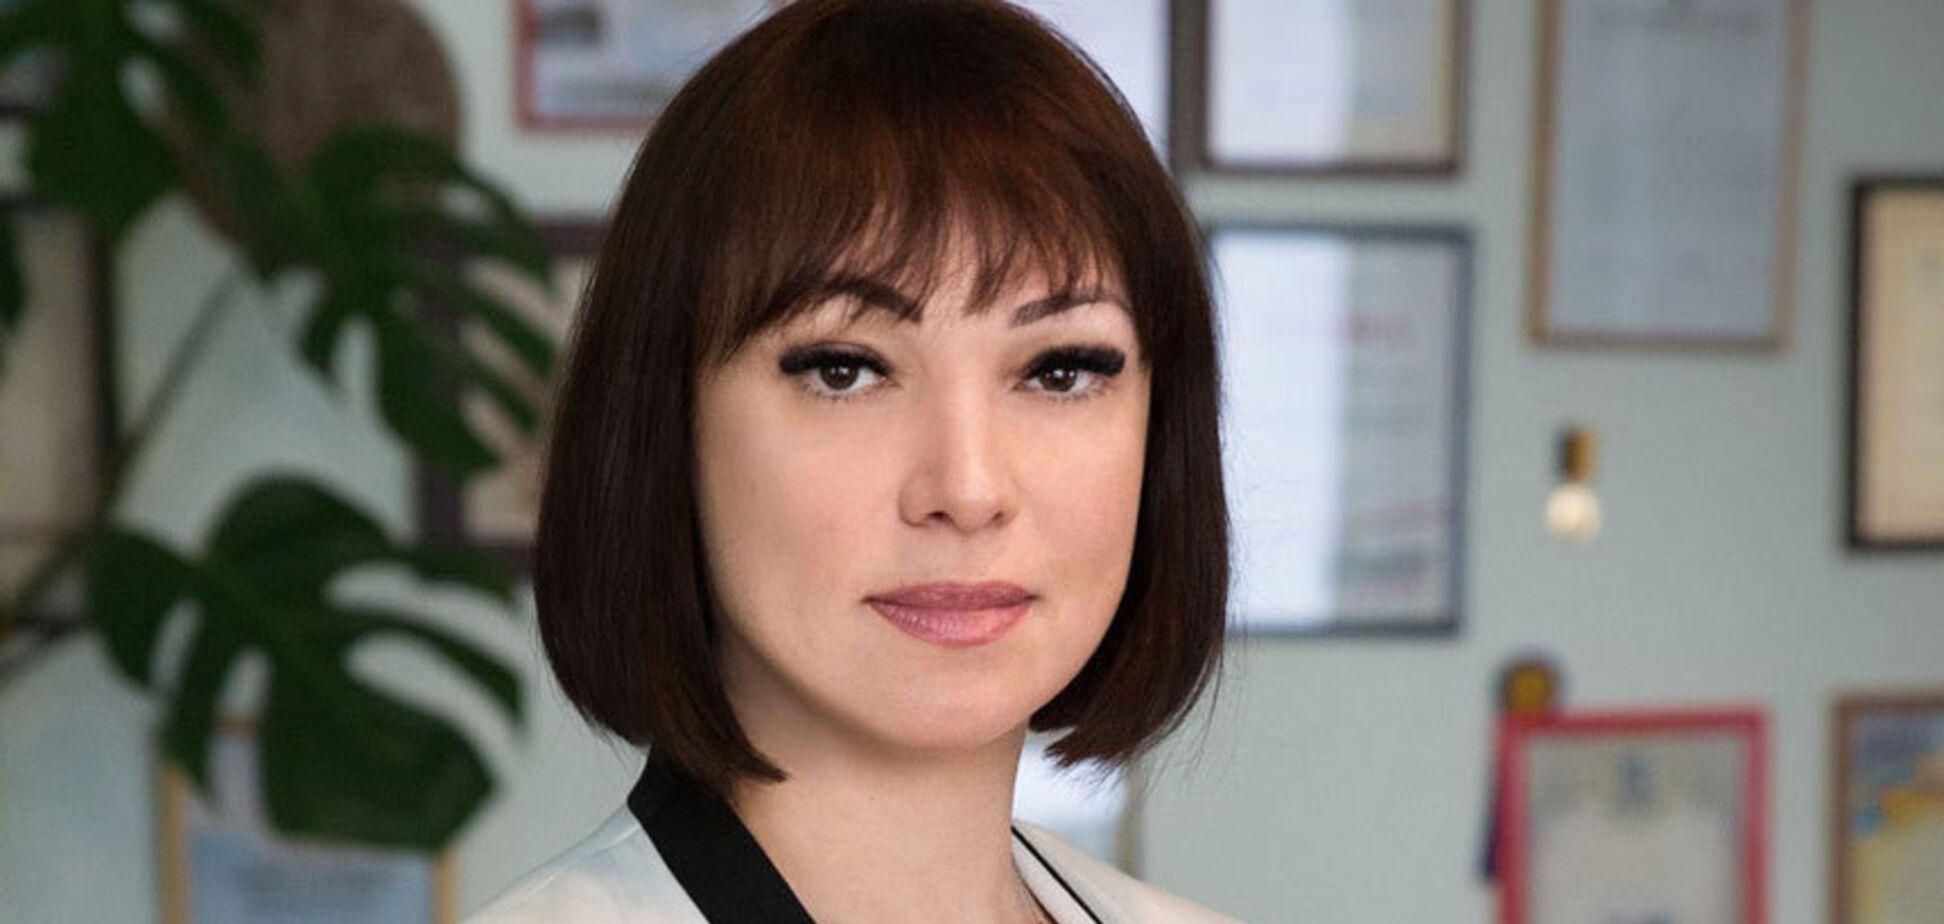 Ричкова закликала підтримати у 2-му турі на місцевих виборах кандидатуру Бориса Філатова